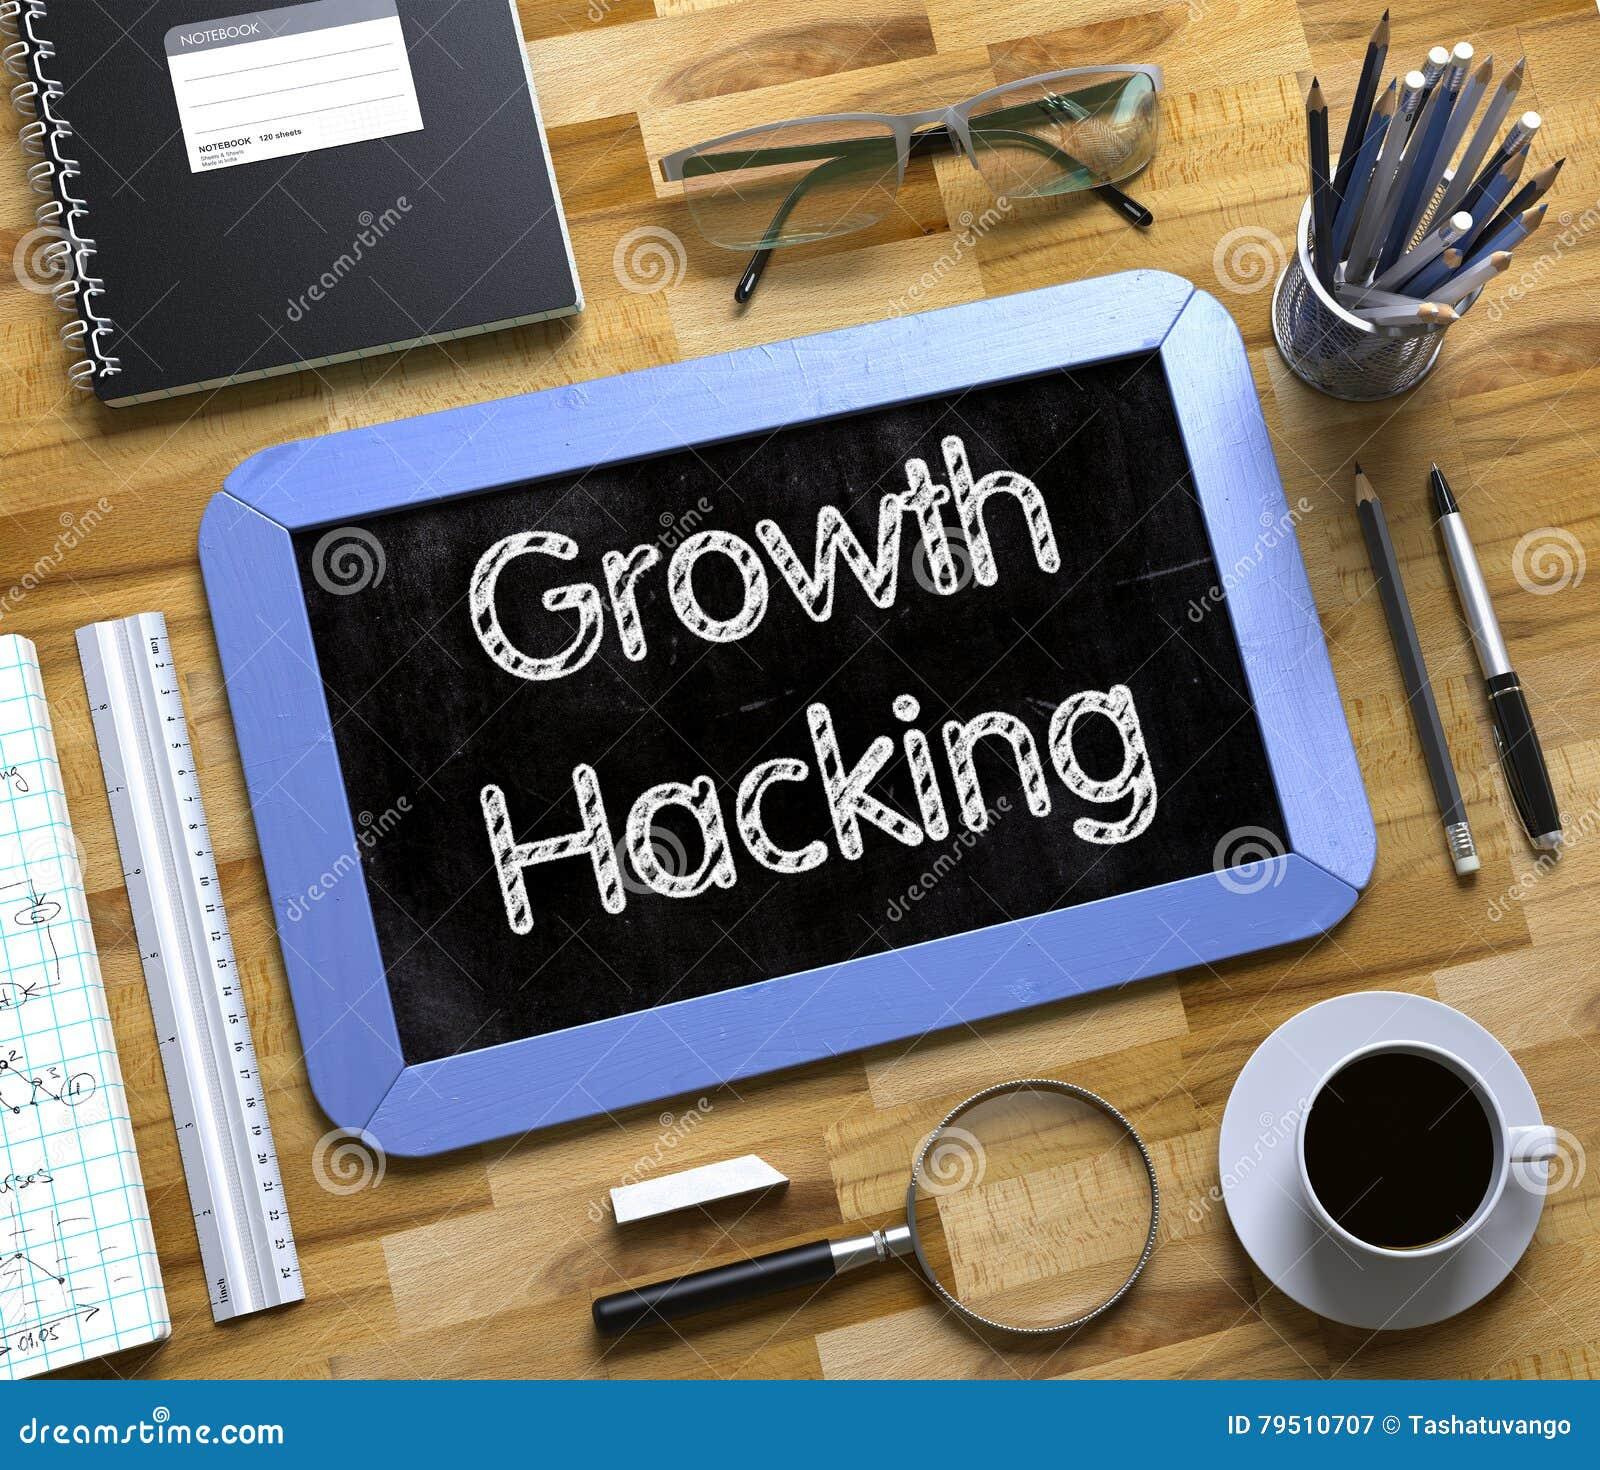 De groei het Binnendringen in een beveiligd computersysteem - Tekst op Klein Bord 3d